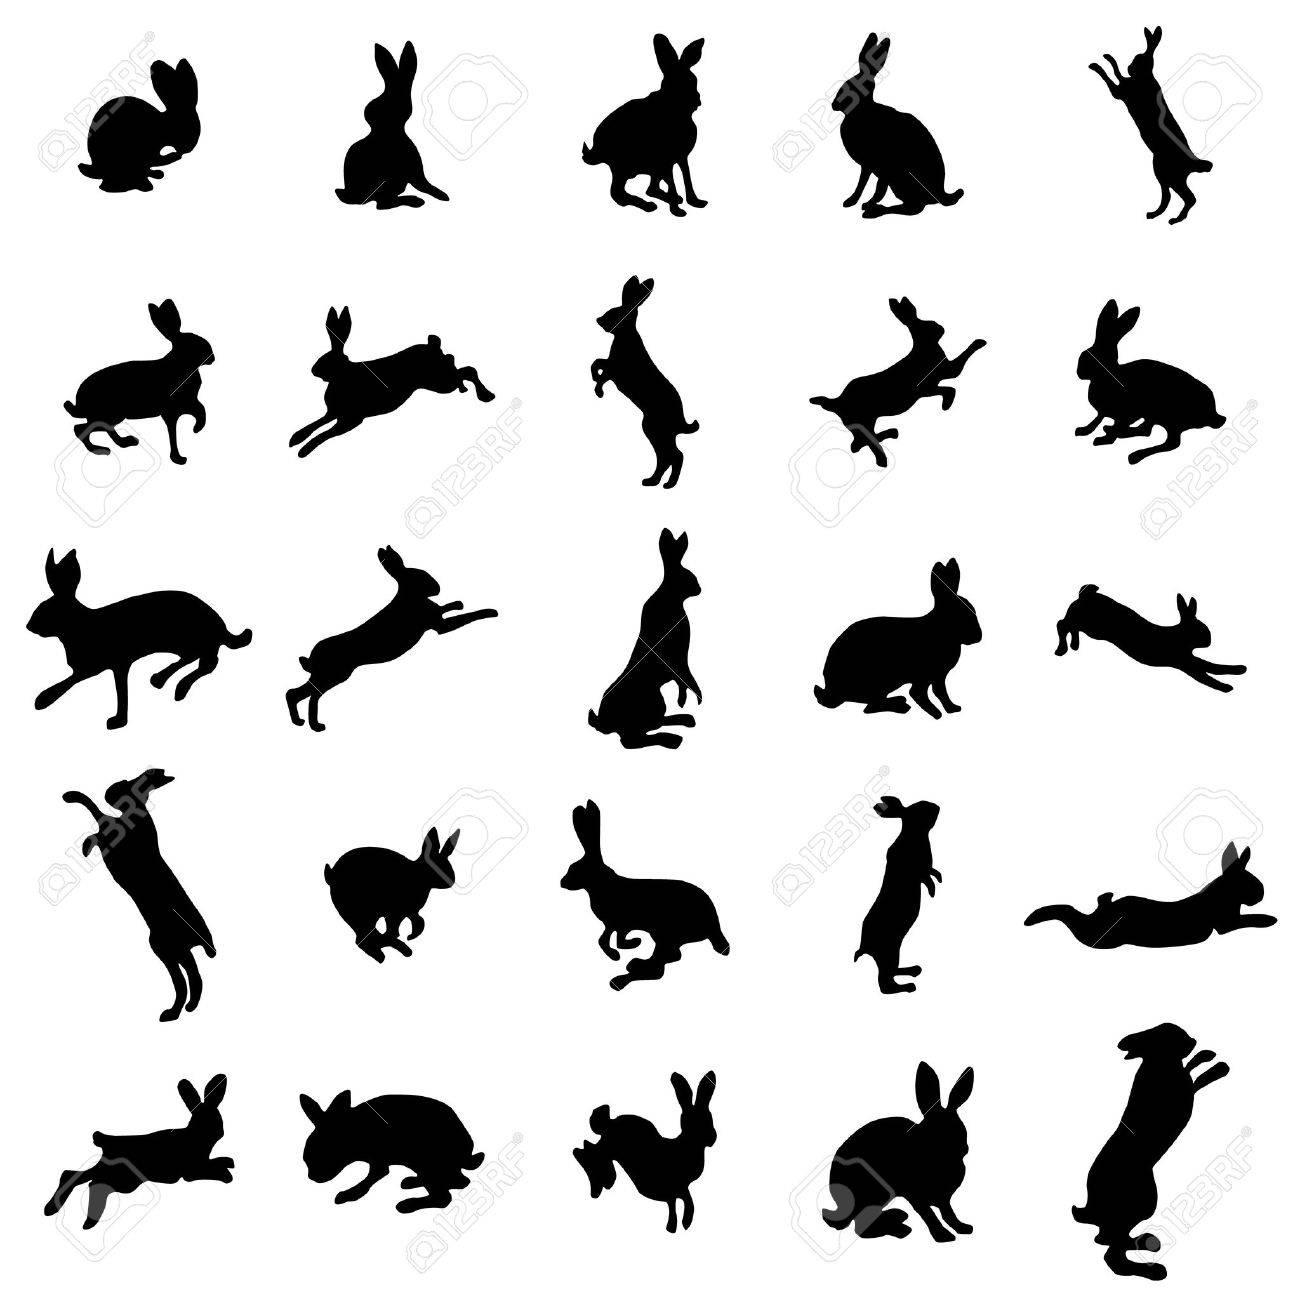 Silhouettes de lapin fixés sur le fond blanc Banque d'images - 47989390